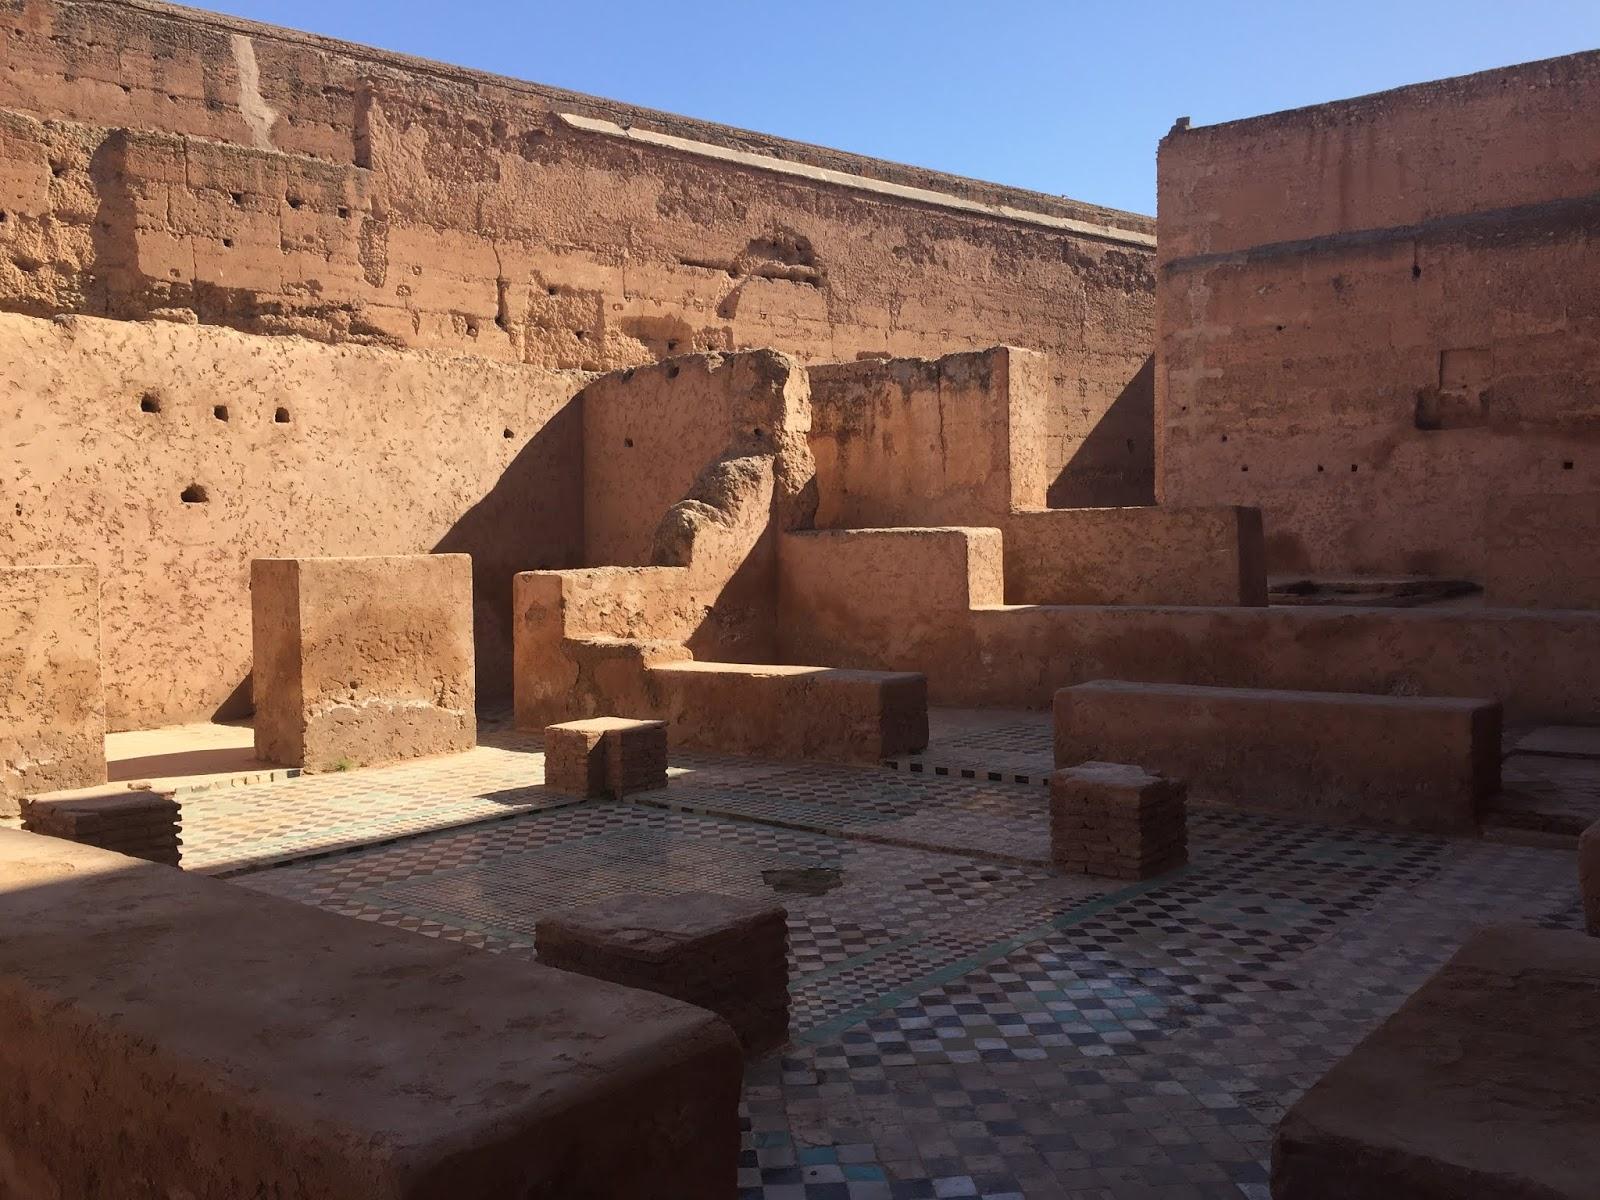 ruines du palais badii à marrakech